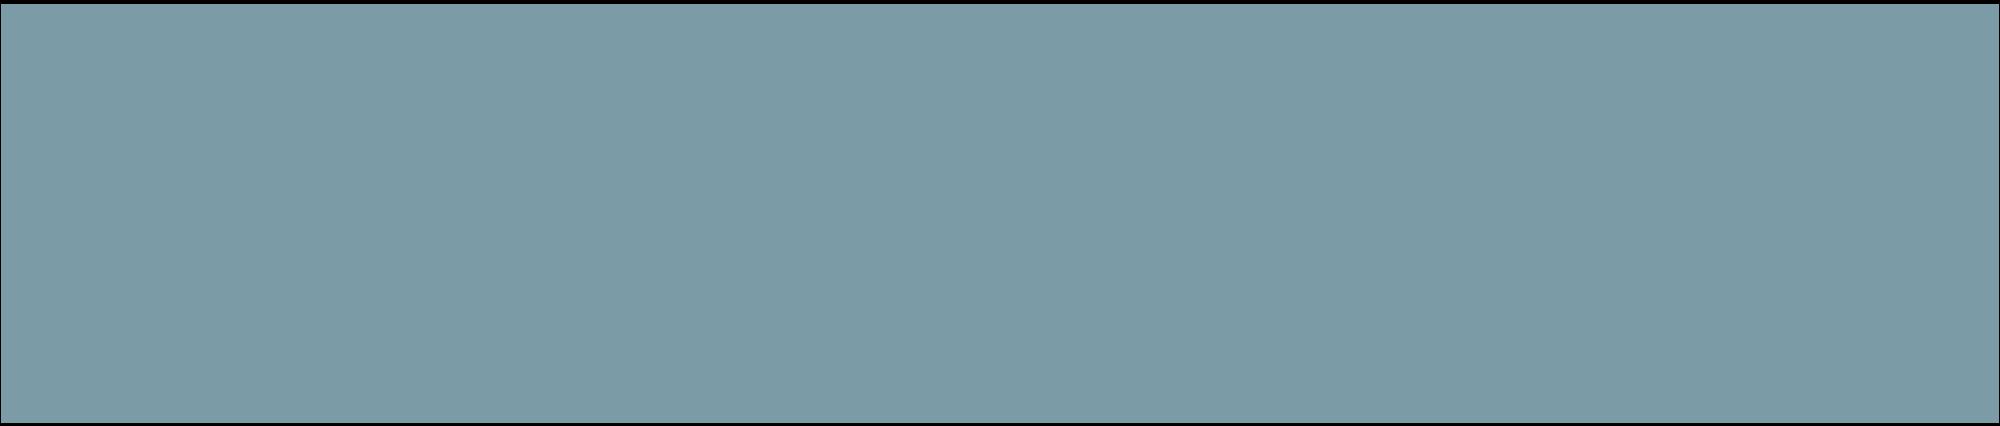 Nordea logo color.png